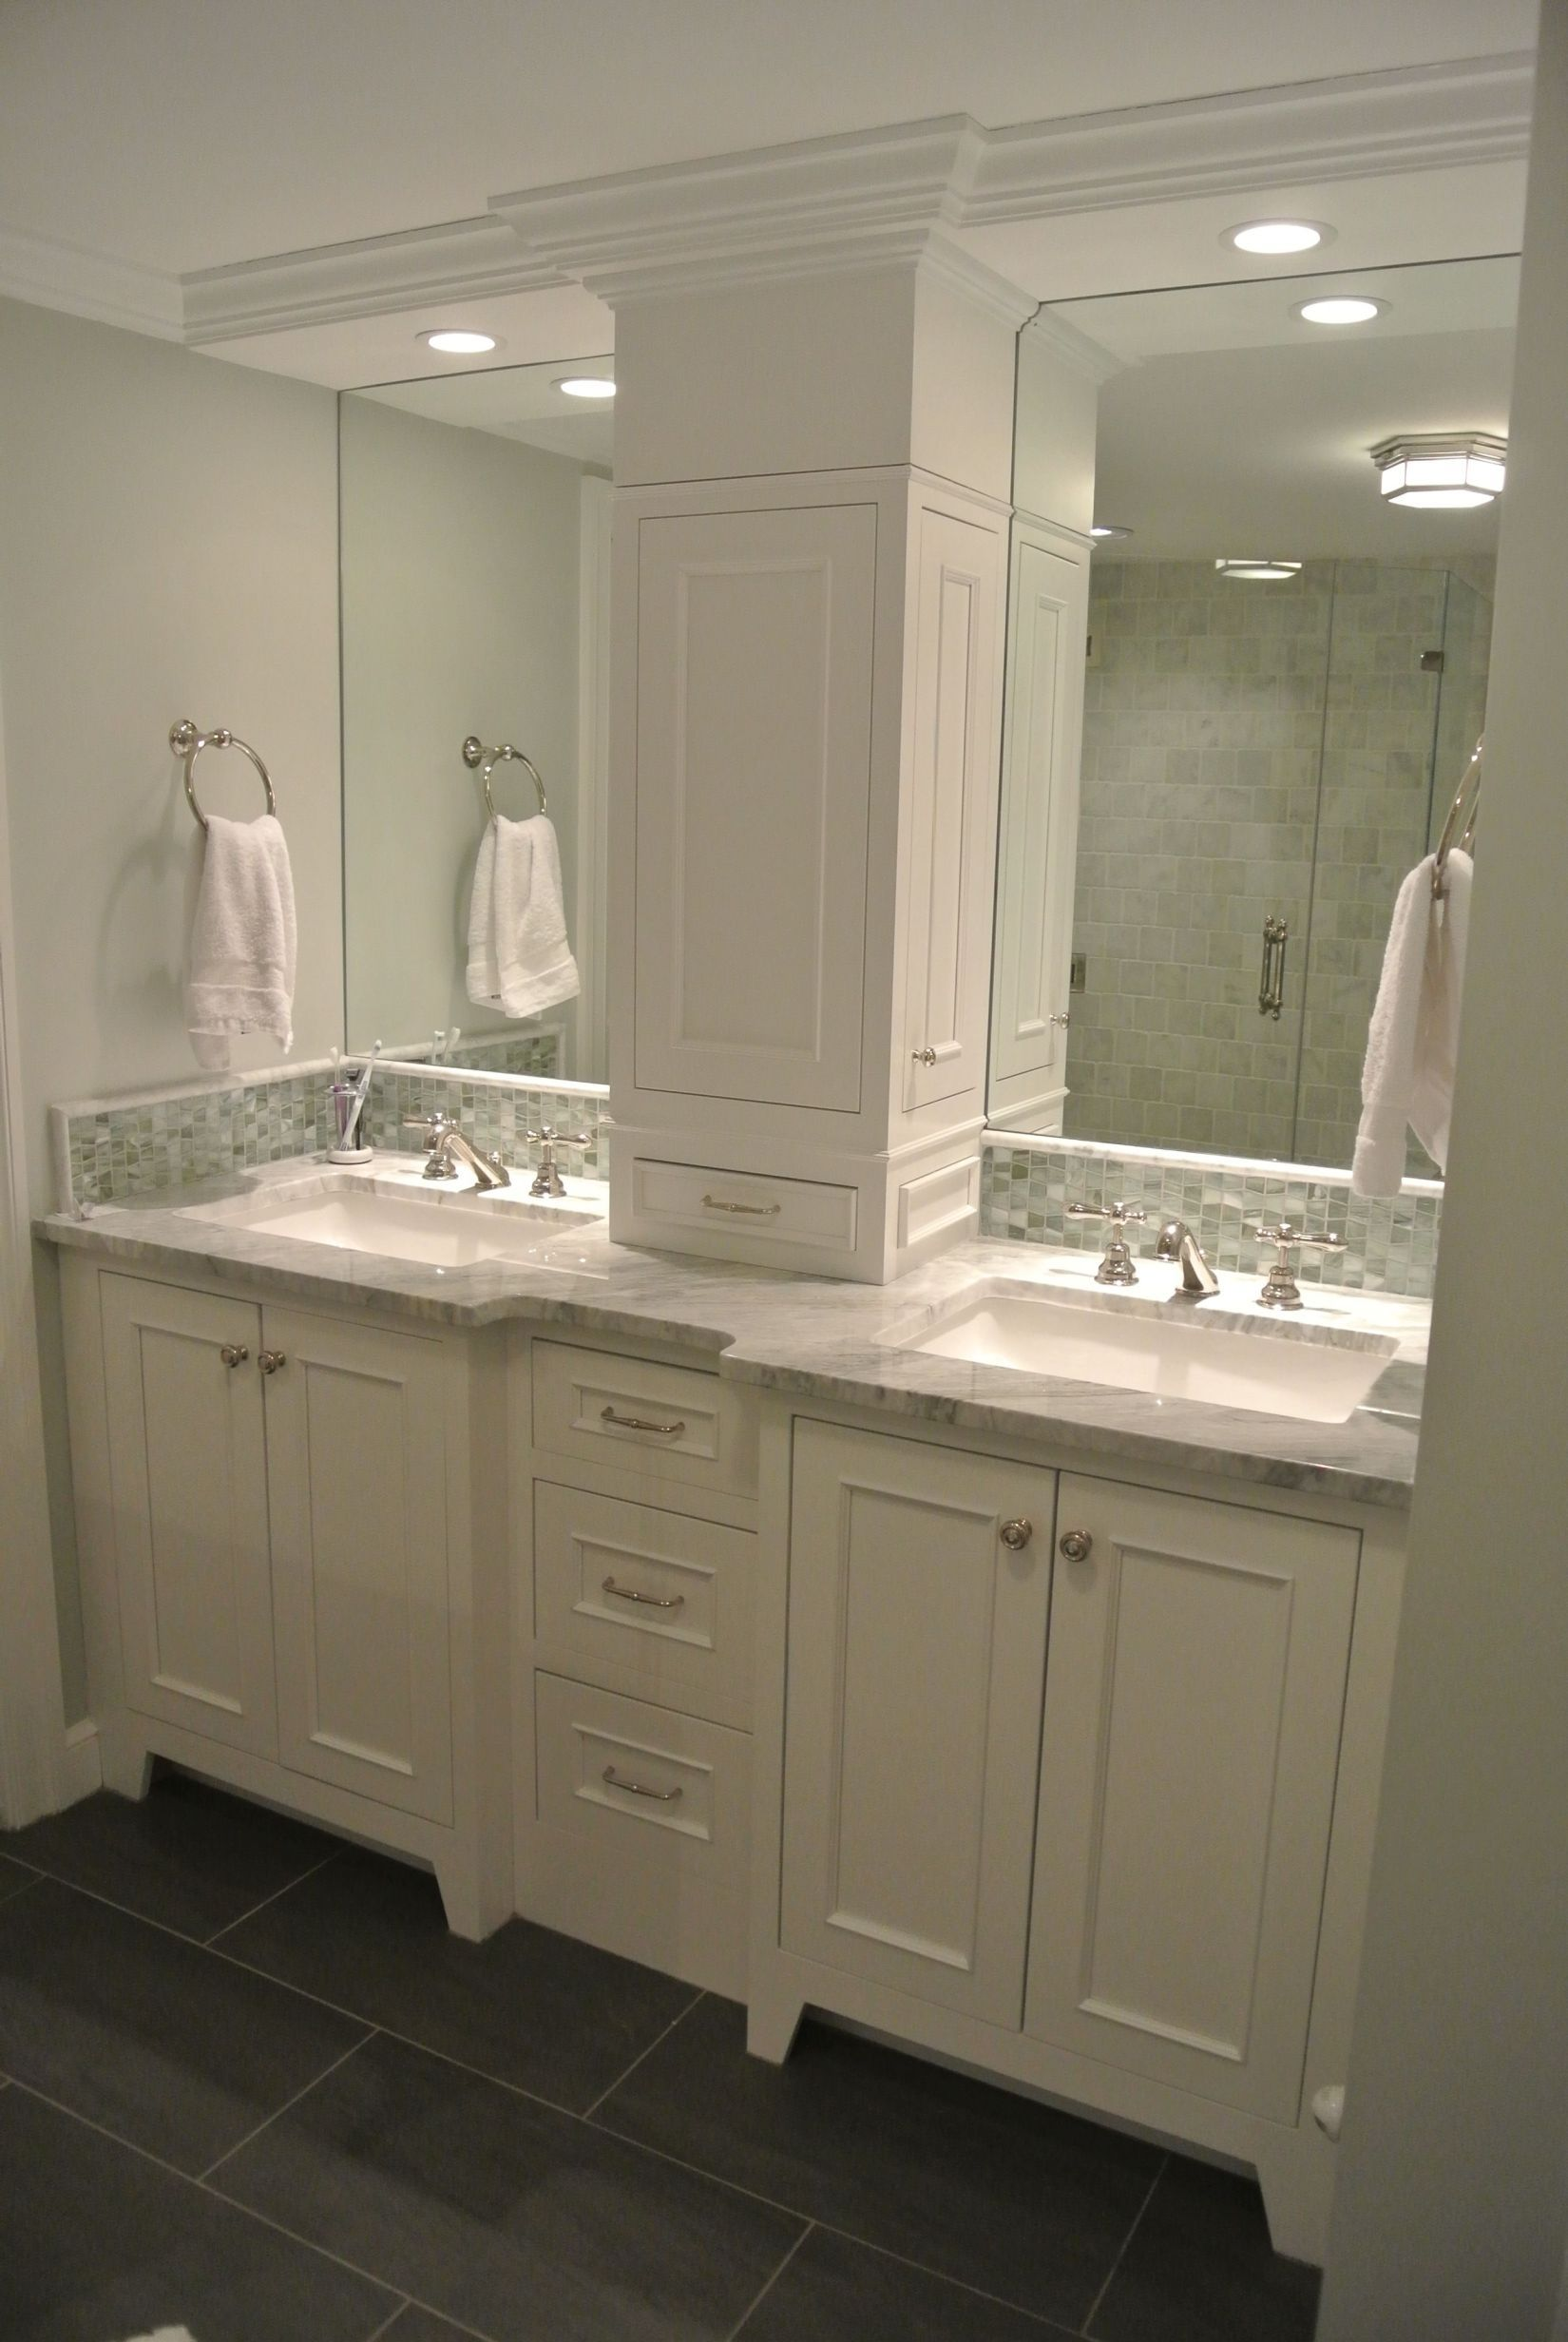 Quickship Vanities Bathroom Countertop Cabinet Bathroom Vanity Storage Organize Bathroom Countertop